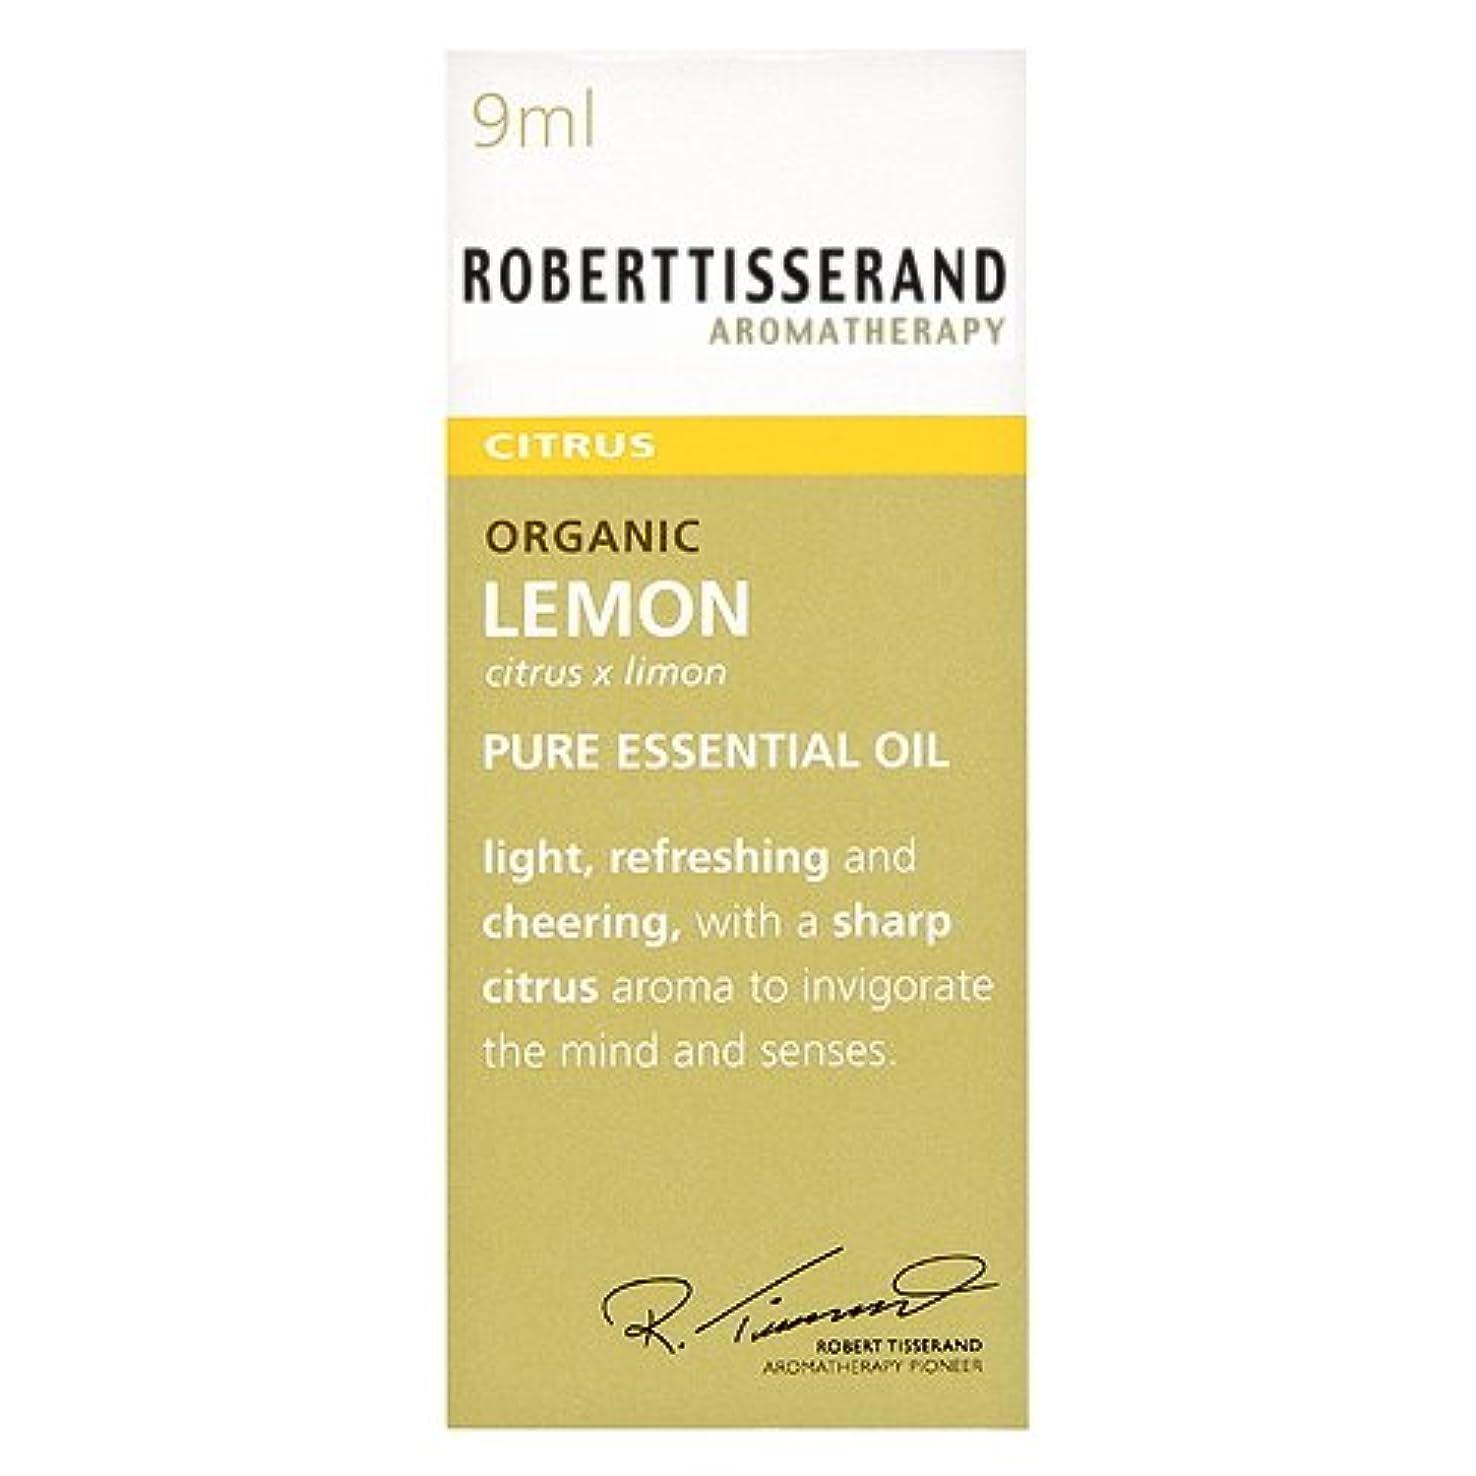 ひまわり手首くつろぐロバートティスランド 英国土壌協会認証 オーガニック レモン 9ml